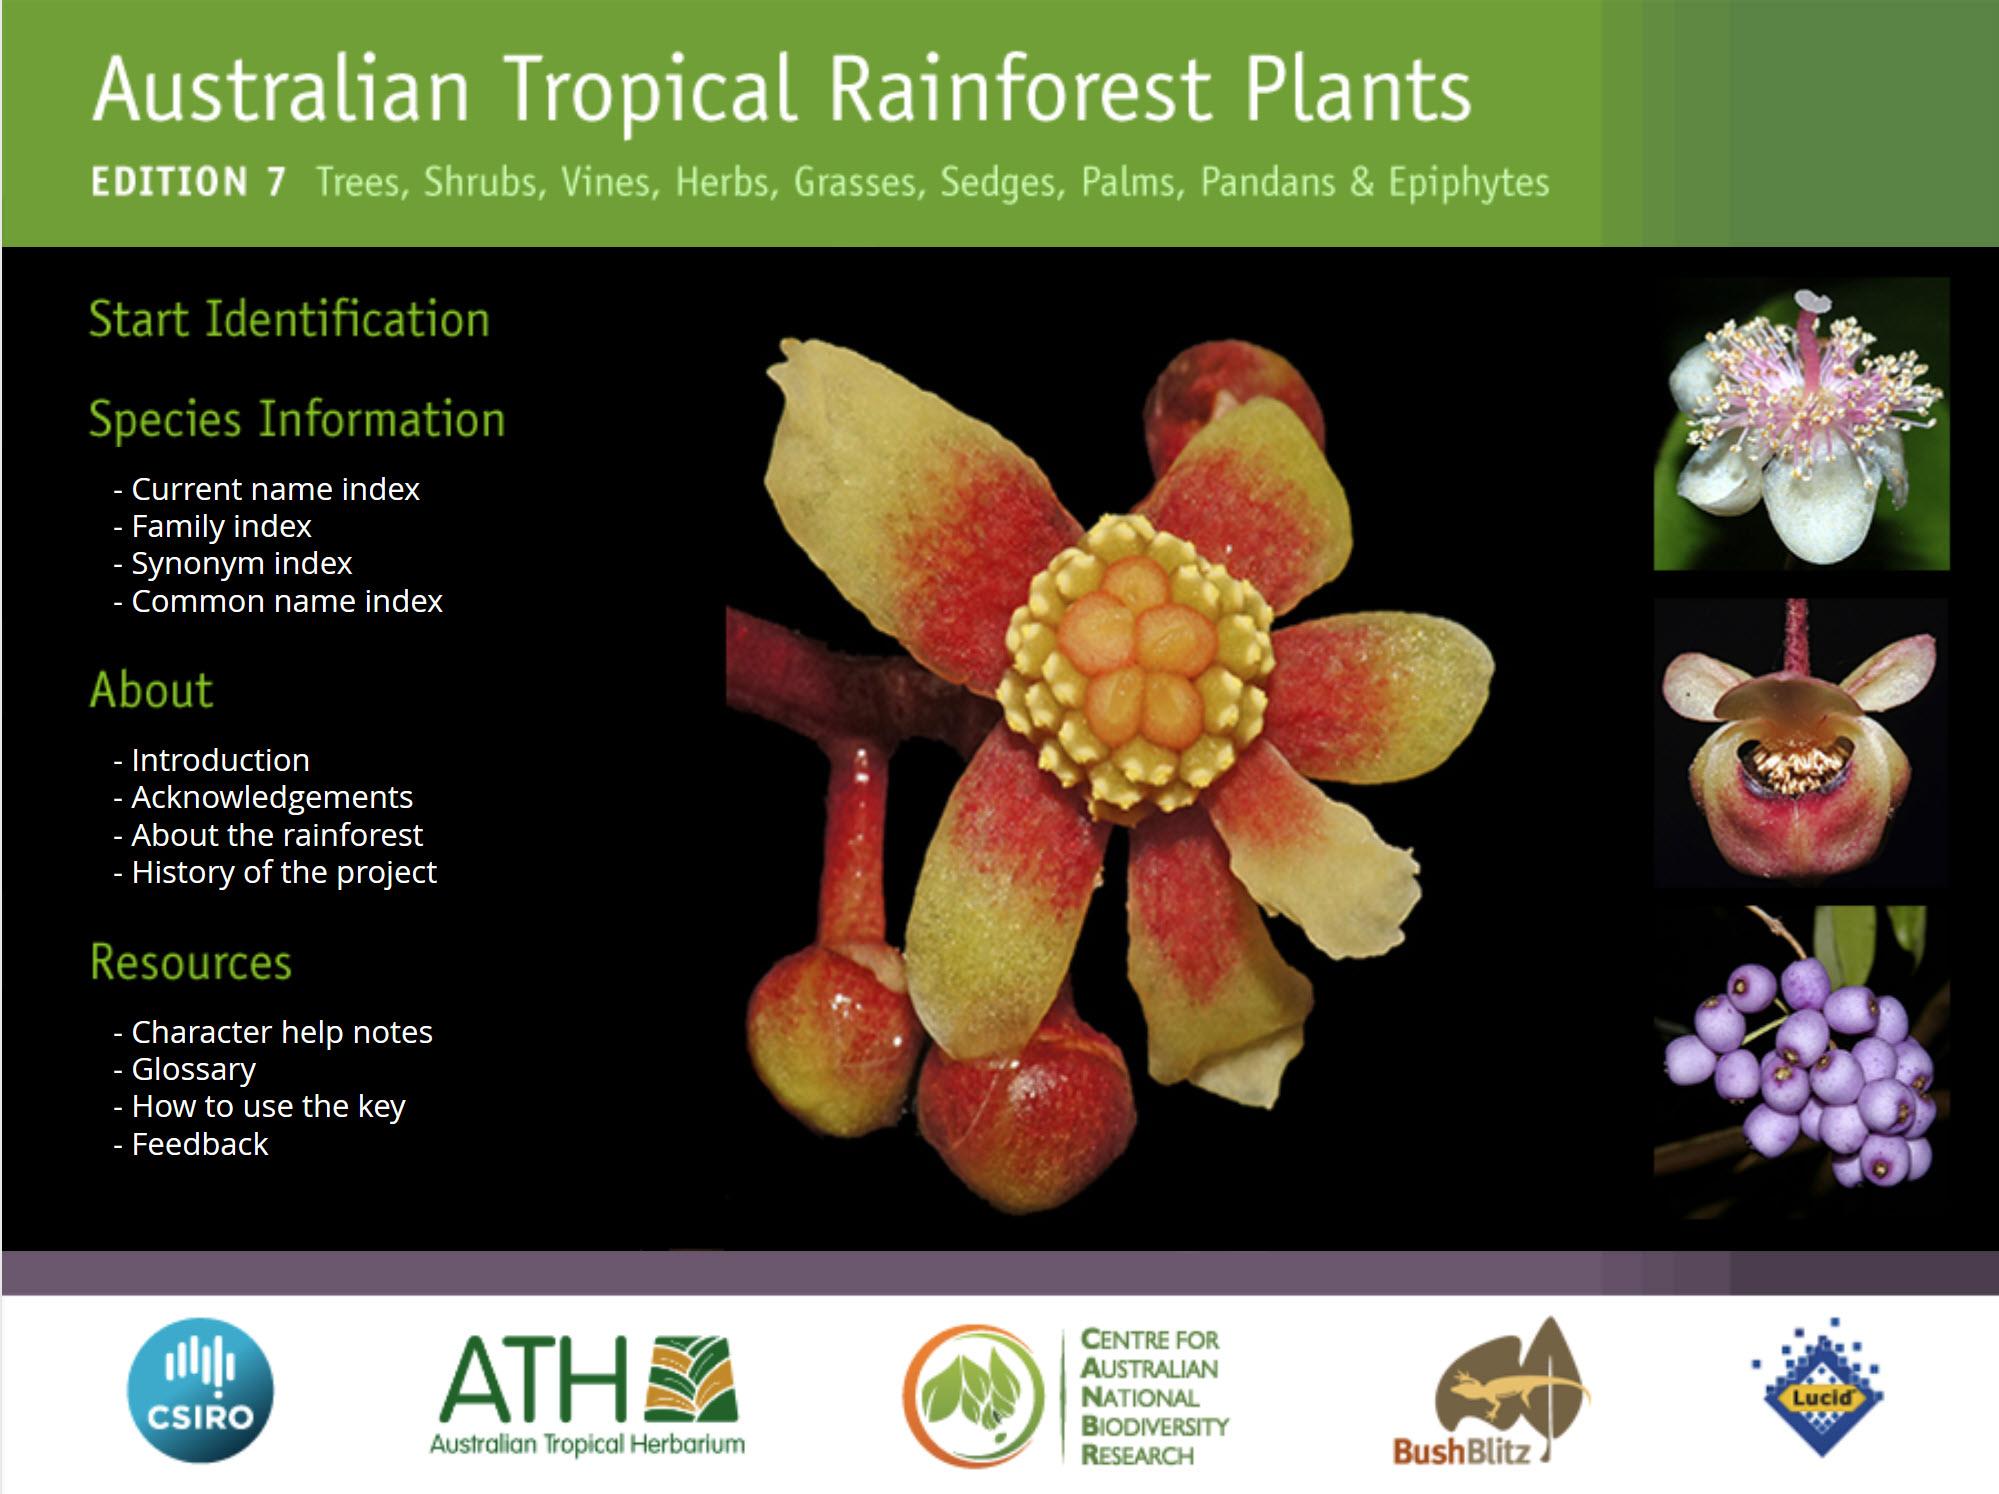 Australian Tropical Rainforest Plants Book Cover